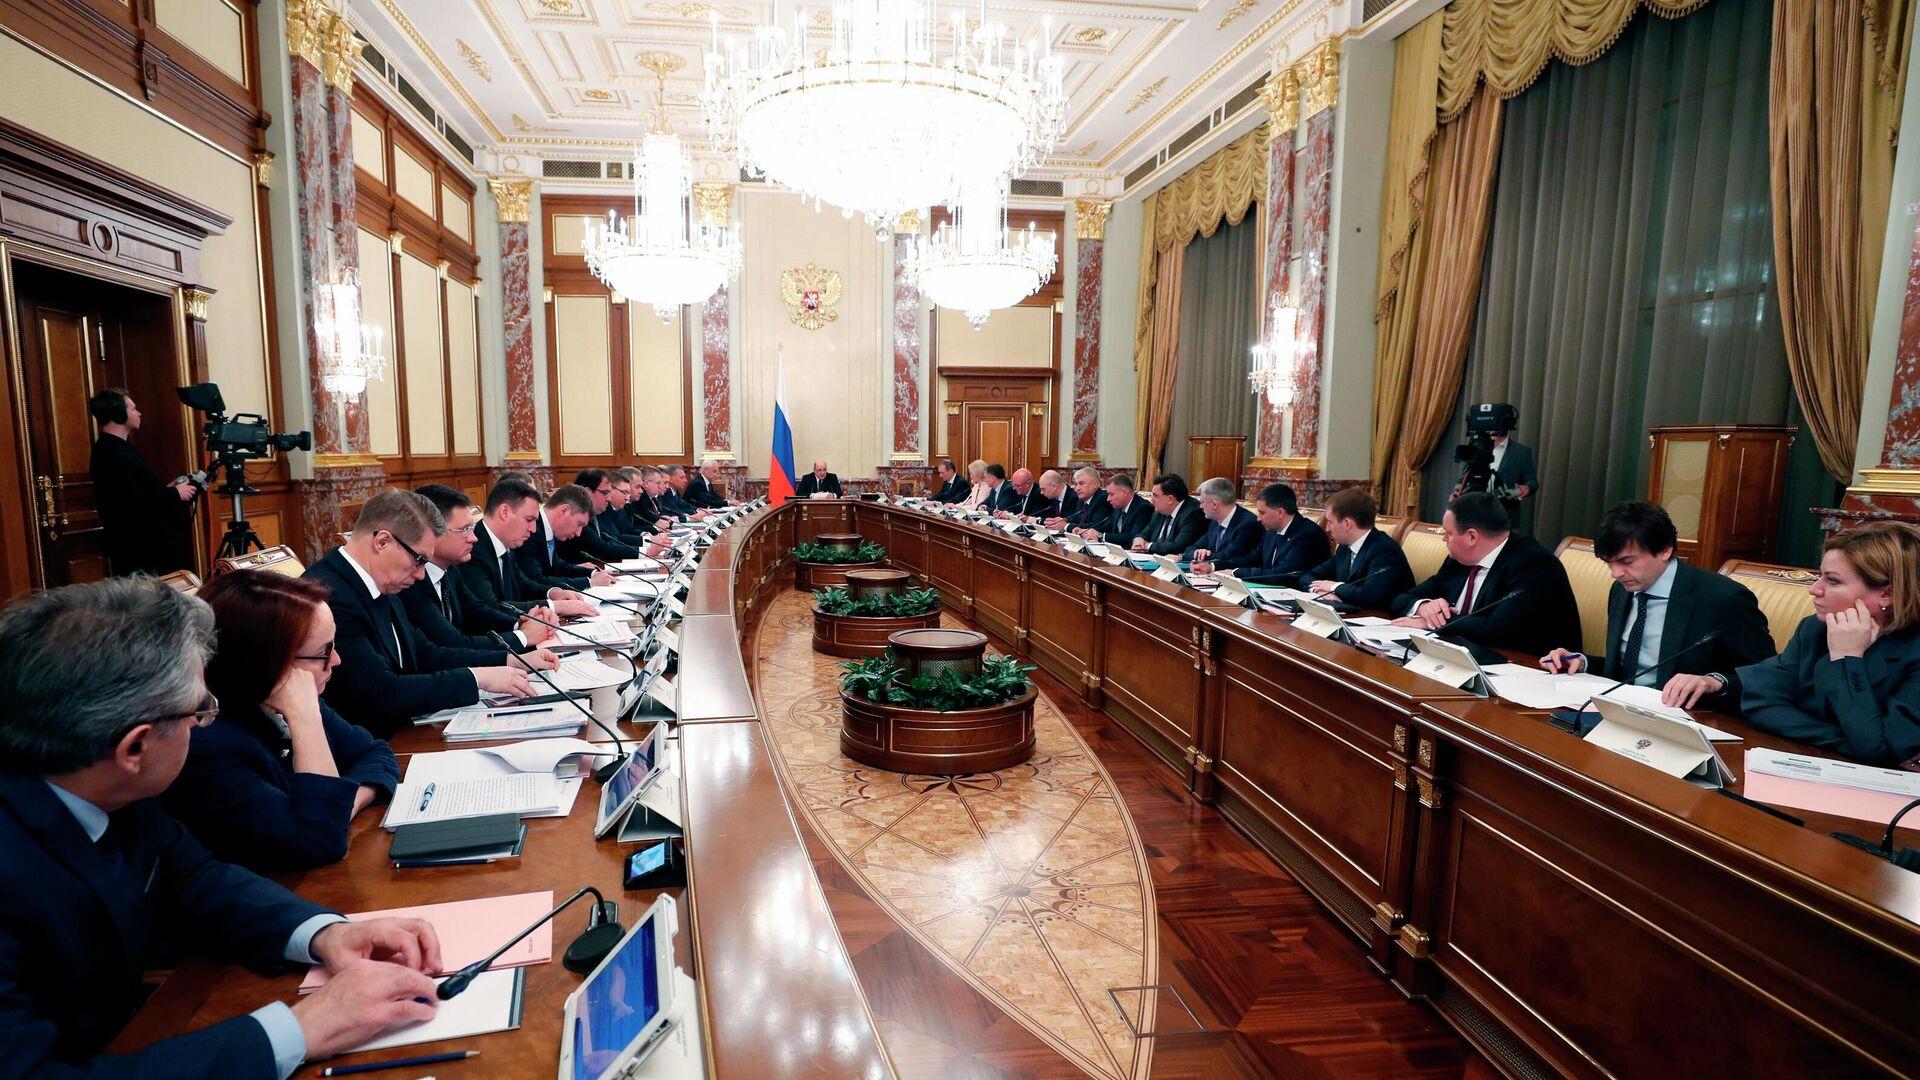 Председатель правительства РФ Михаил Мишустин проводит совещание с членами кабинета министров - РИА Новости, 1920, 06.11.2020